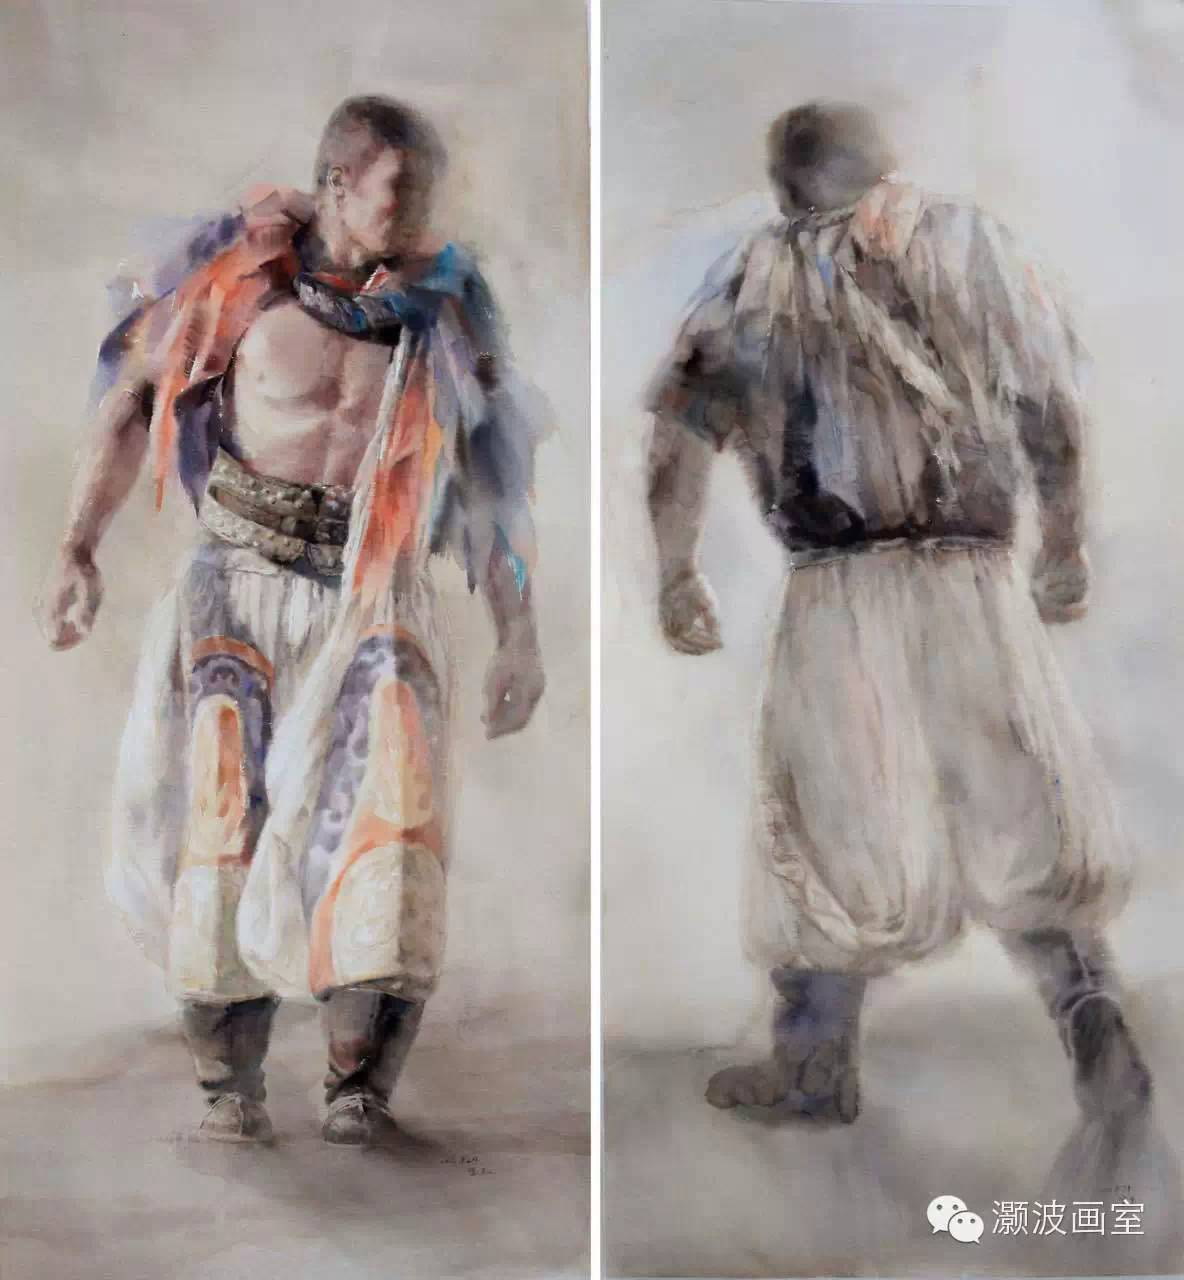 著名蒙古族青年水彩画家宝玉作品欣赏 第3张 著名蒙古族青年水彩画家宝玉作品欣赏 蒙古画廊